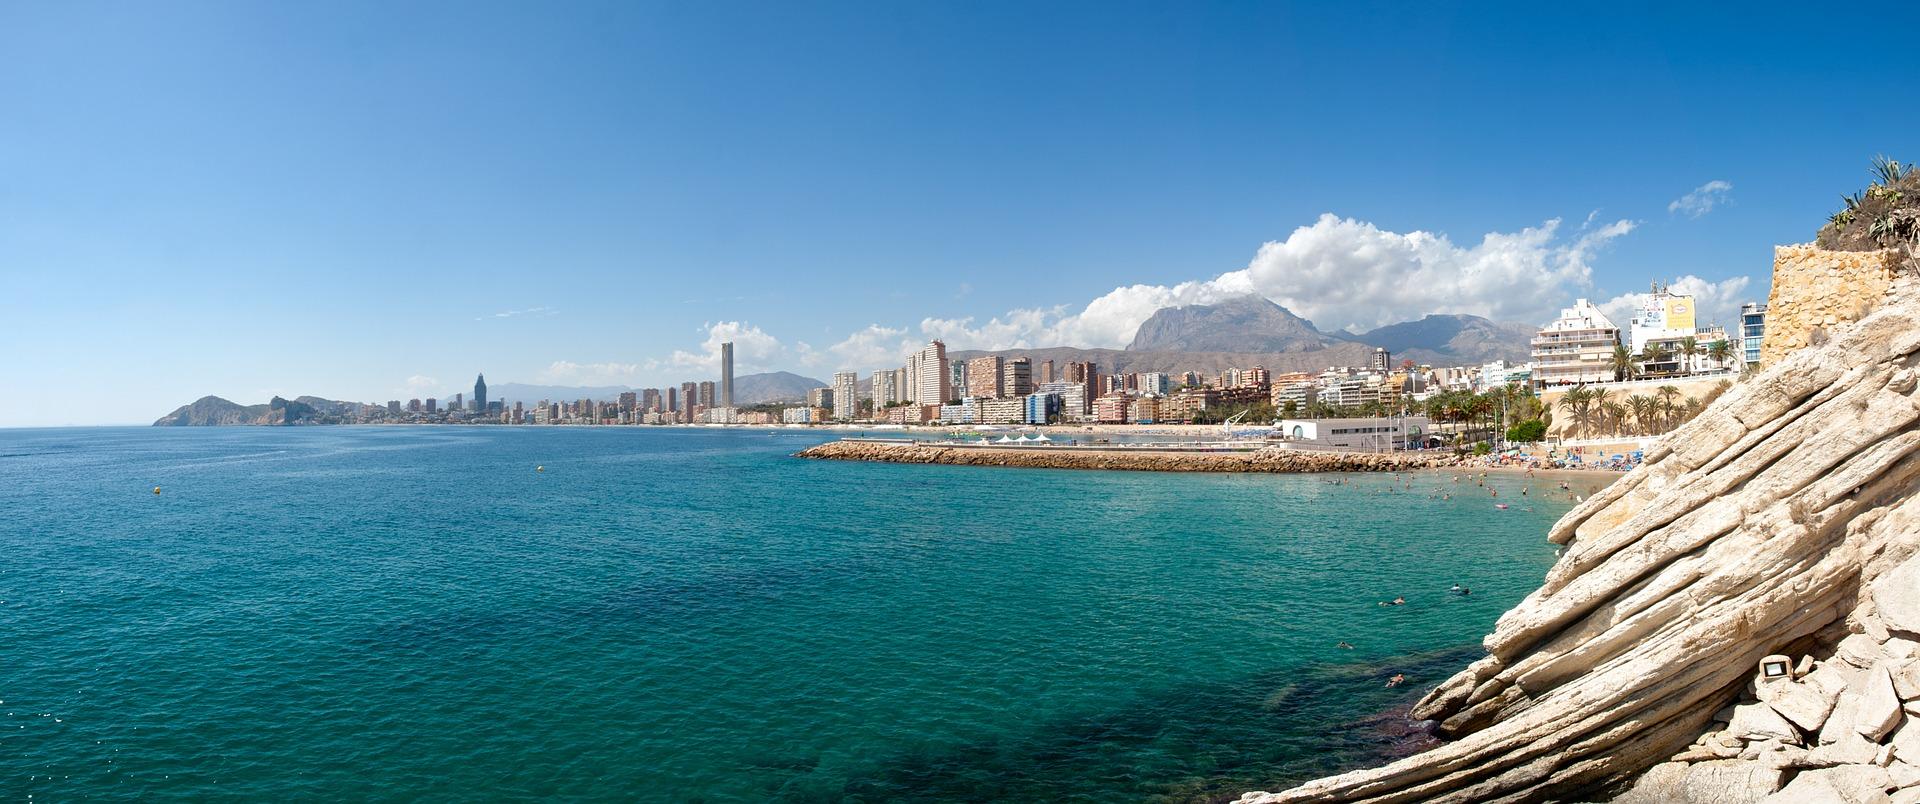 Alicante Strand Urlaub in Spanien Eine Woche ab 120,43€